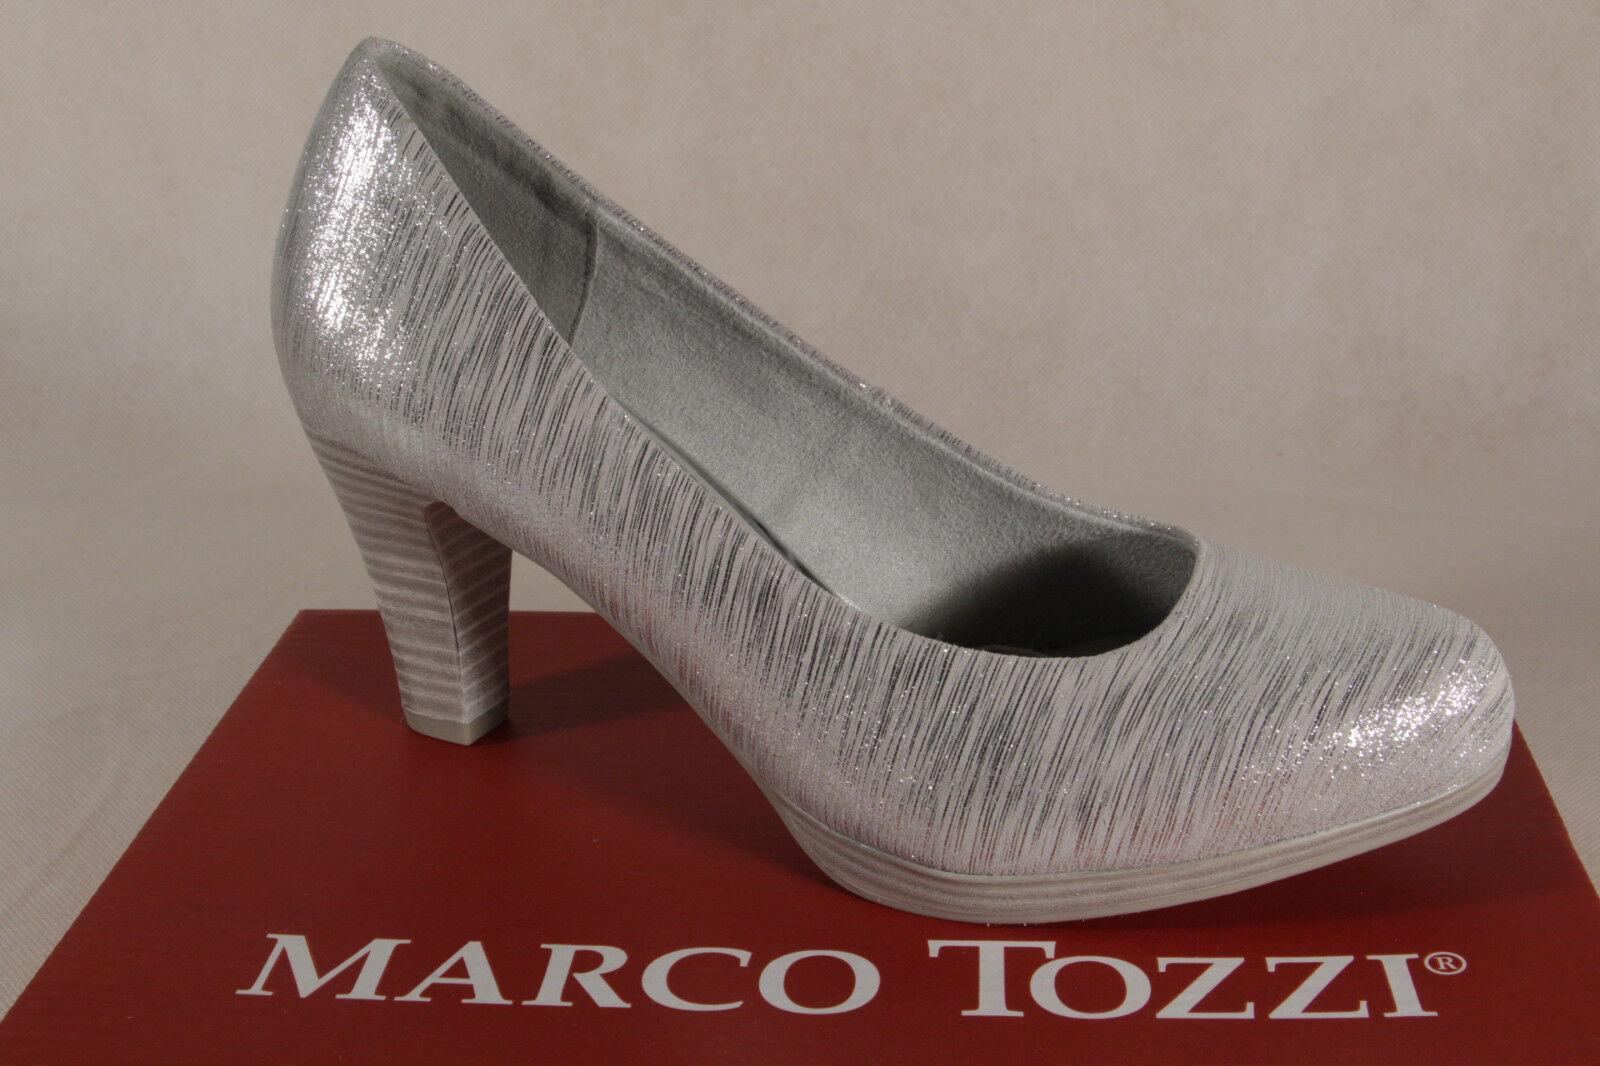 Marco Tozzi PUMPS BALLERINE SLIPPER NUOVO! ARGENTO 22448 NUOVO! SLIPPER 60131b